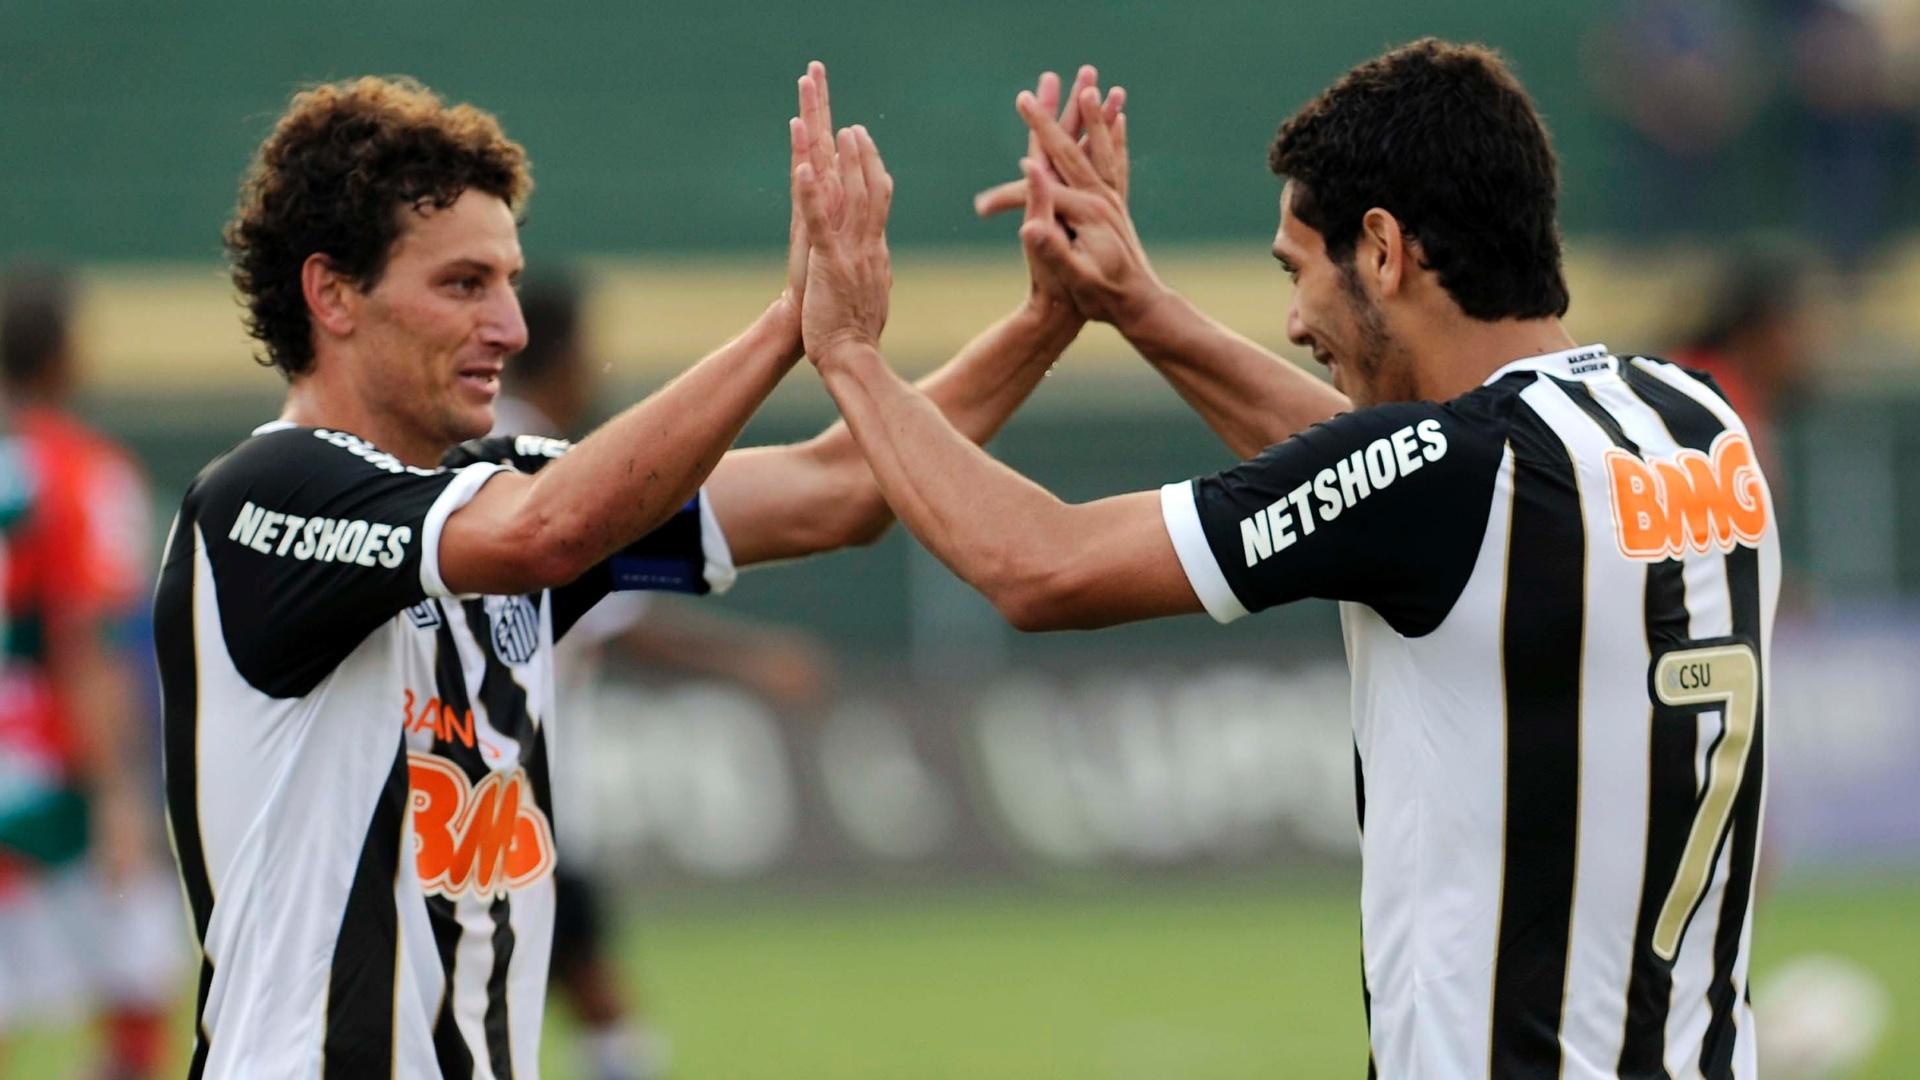 Elano celebra com Dimba o segundo gol do Santos contra a Portuguesa neste domingo no Canindé